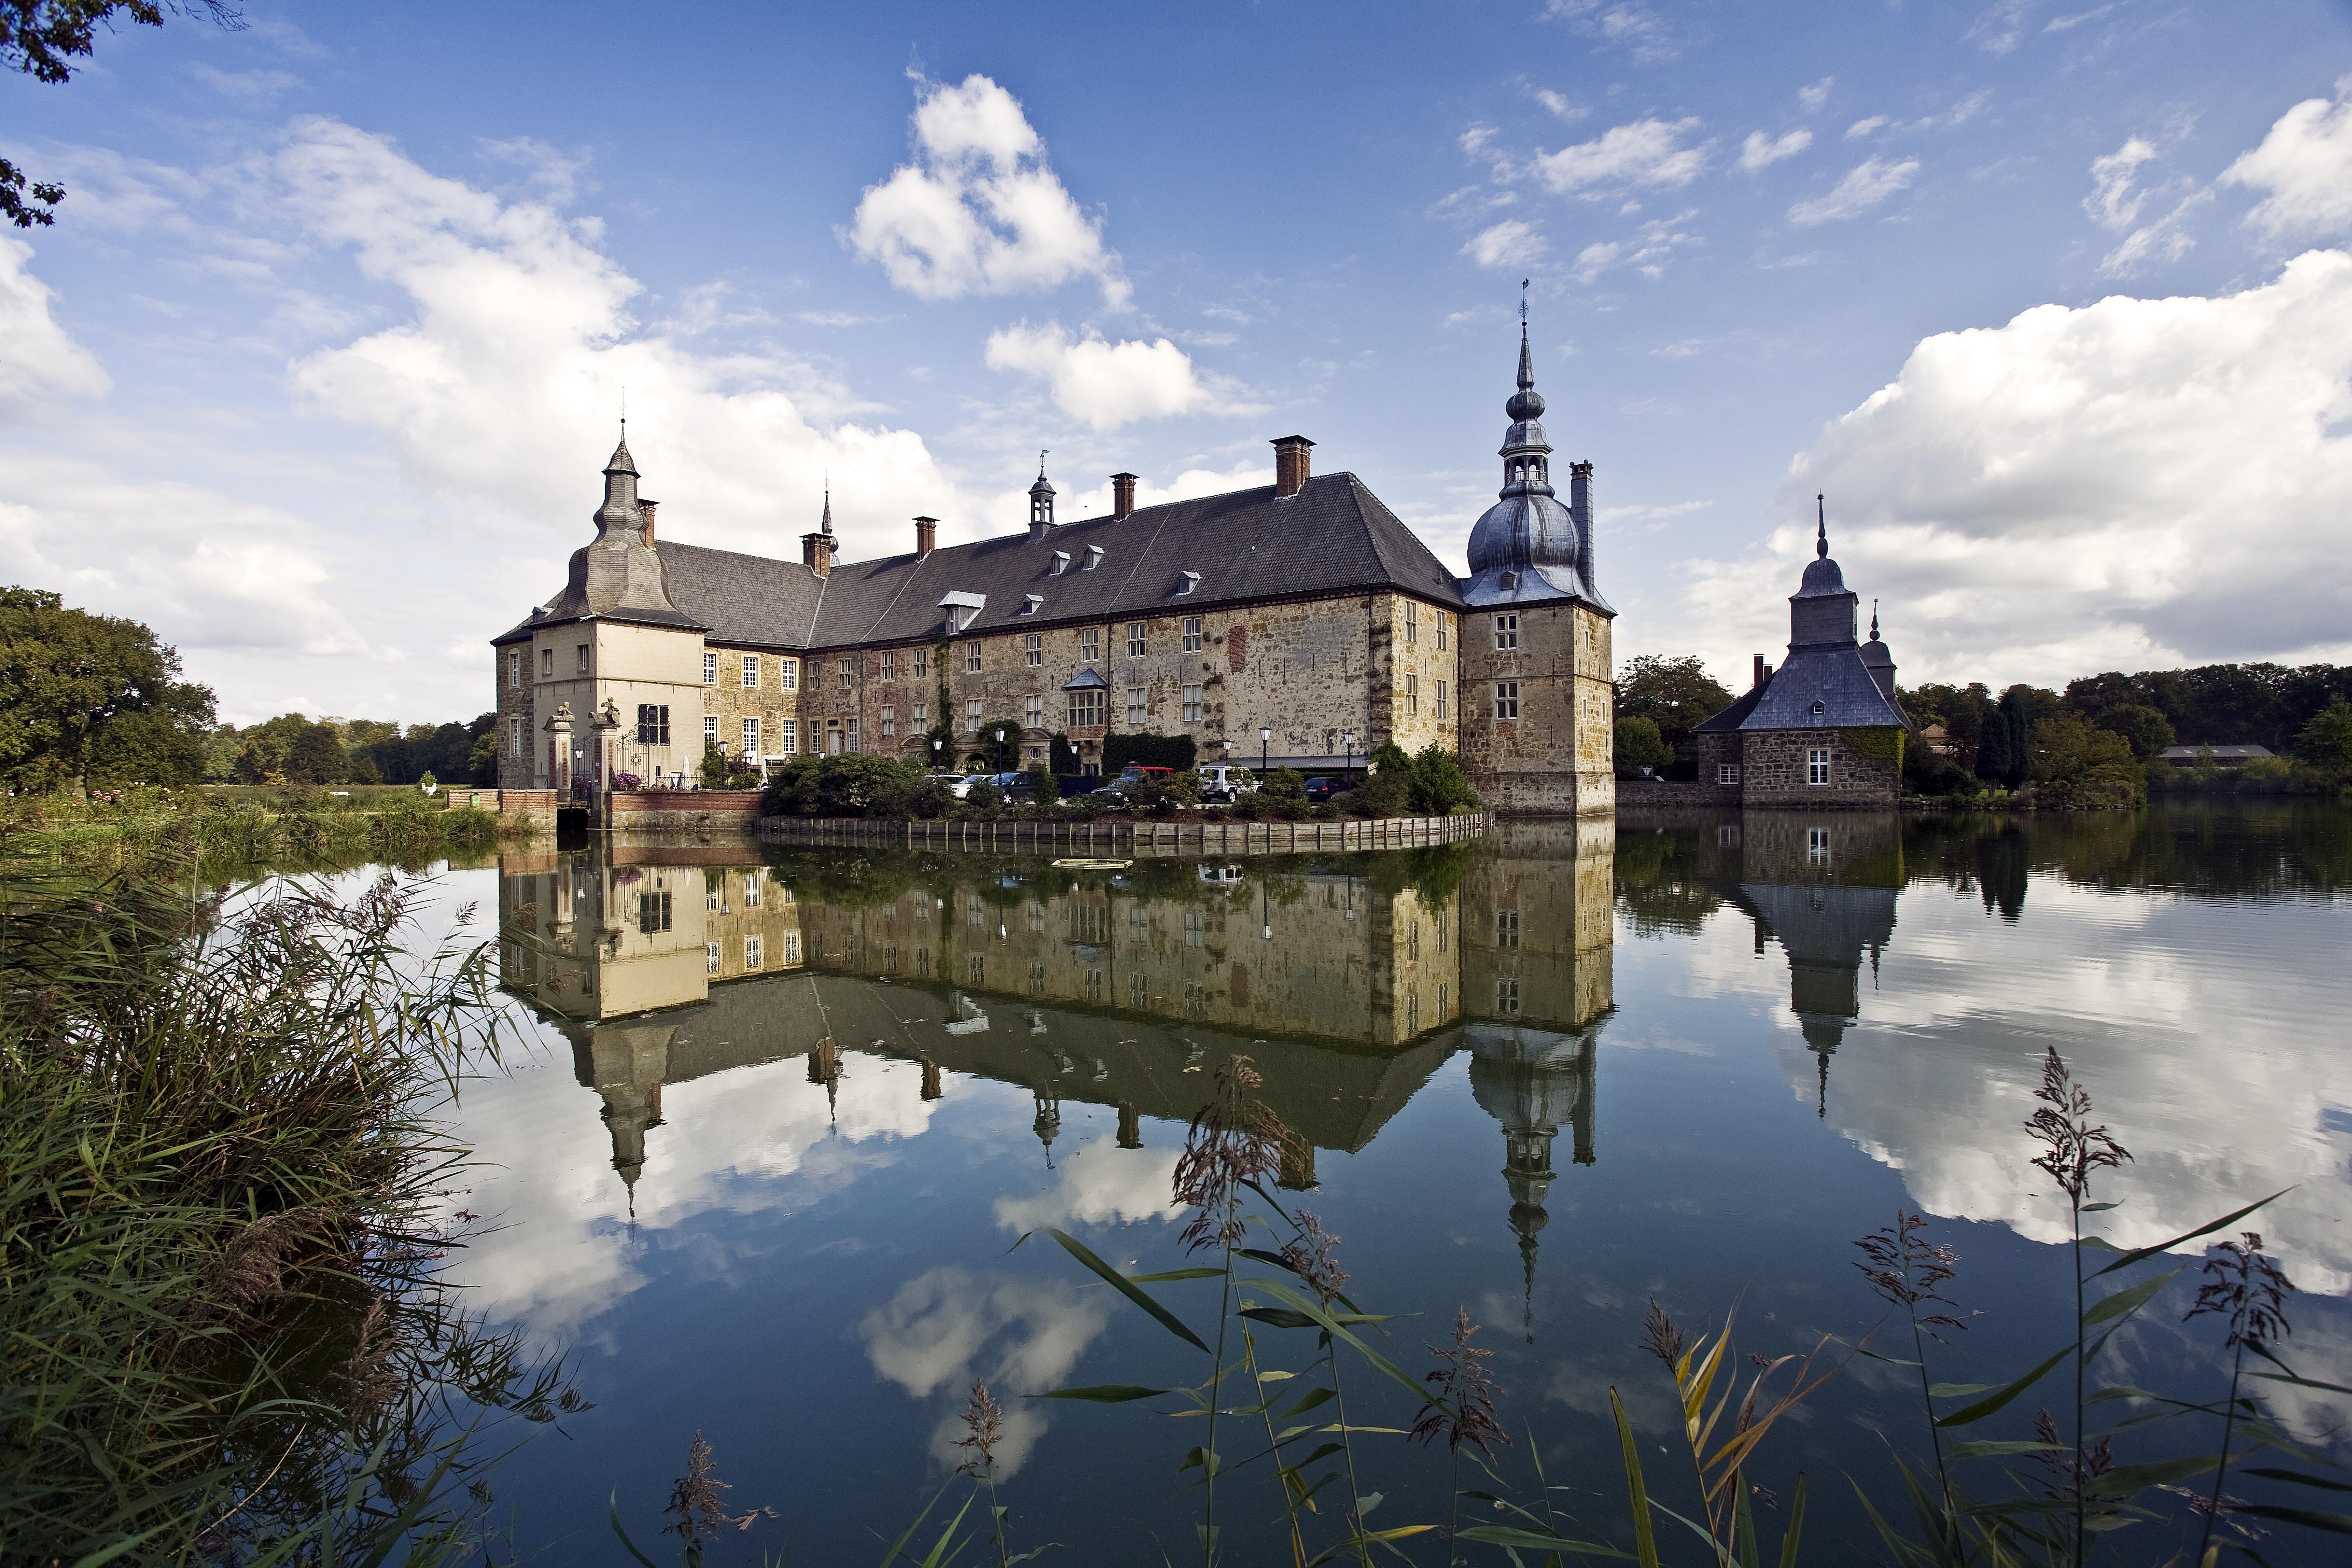 Das Bild zeigt das Wasserschloss Lembeck in Dorsten